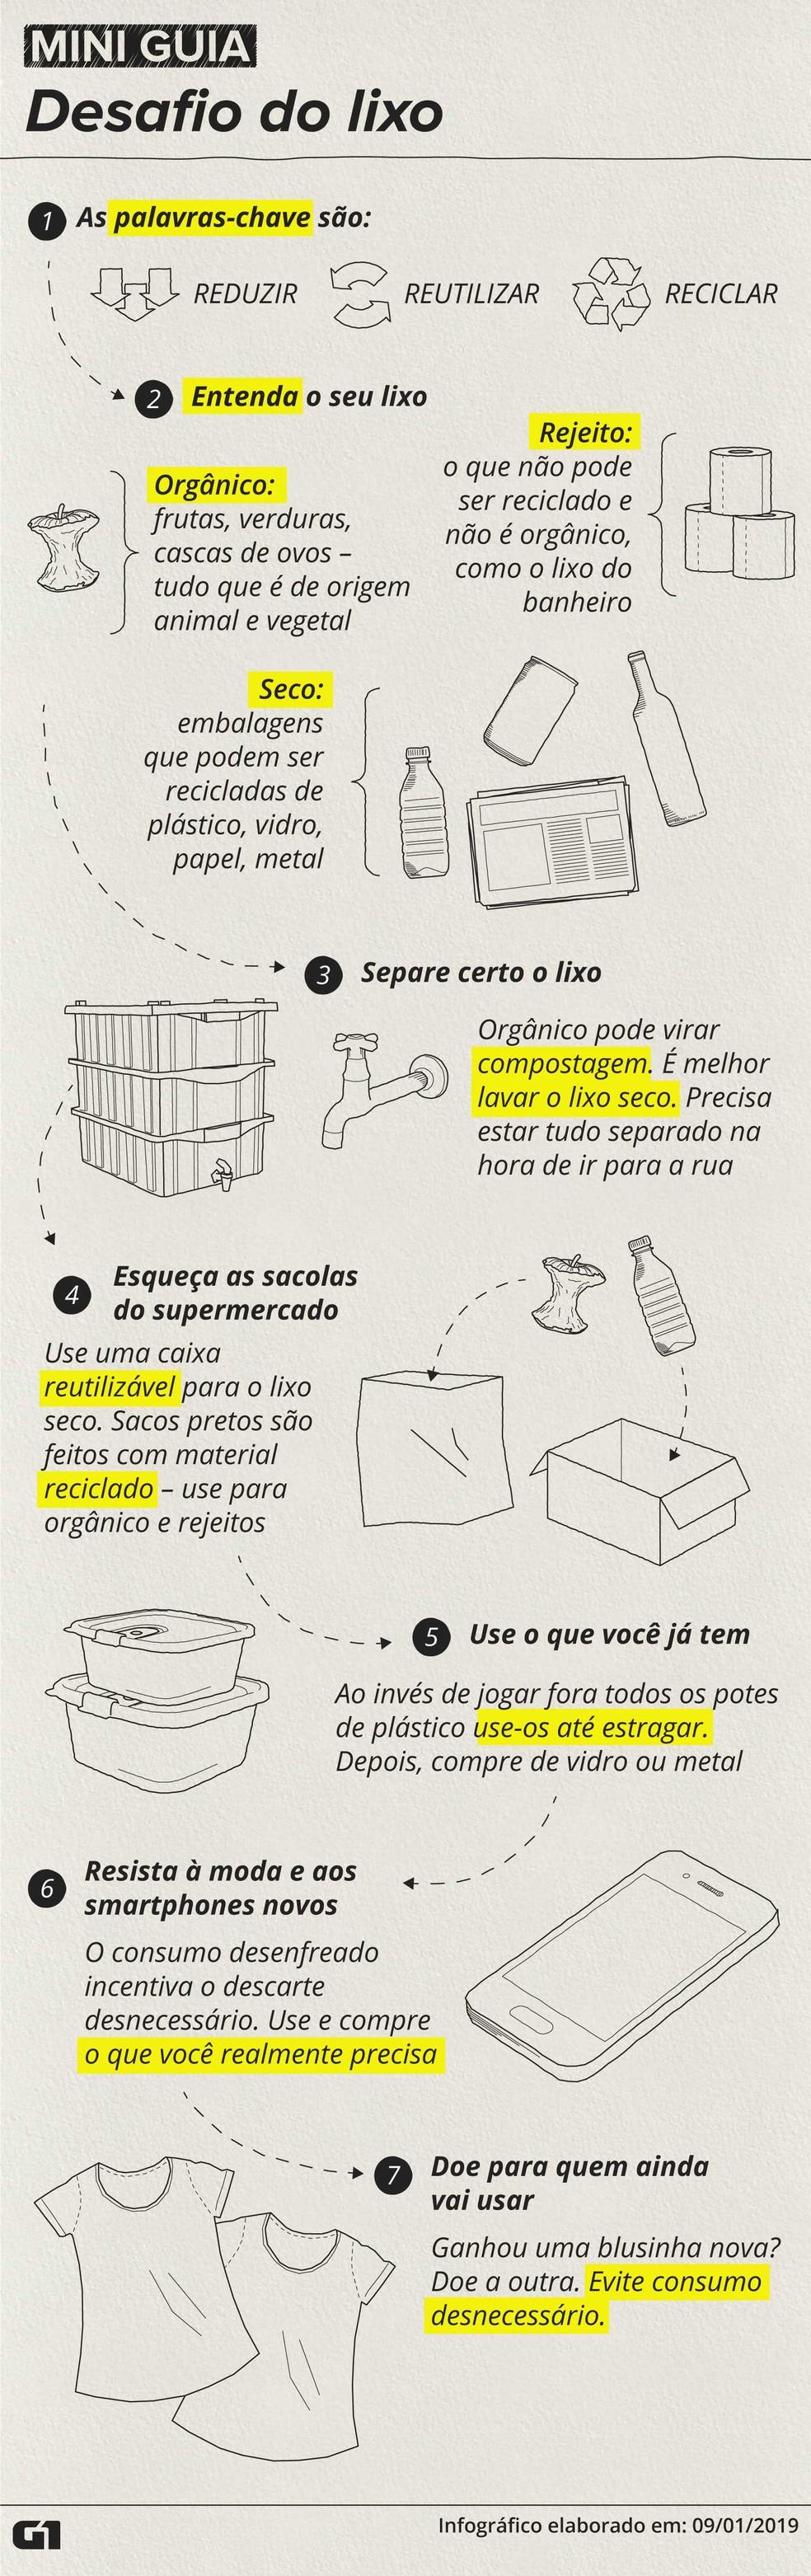 Mini guia mostra como começar a agir e reduzir a produção de lixo — Foto: Alexandre Mauro/G1